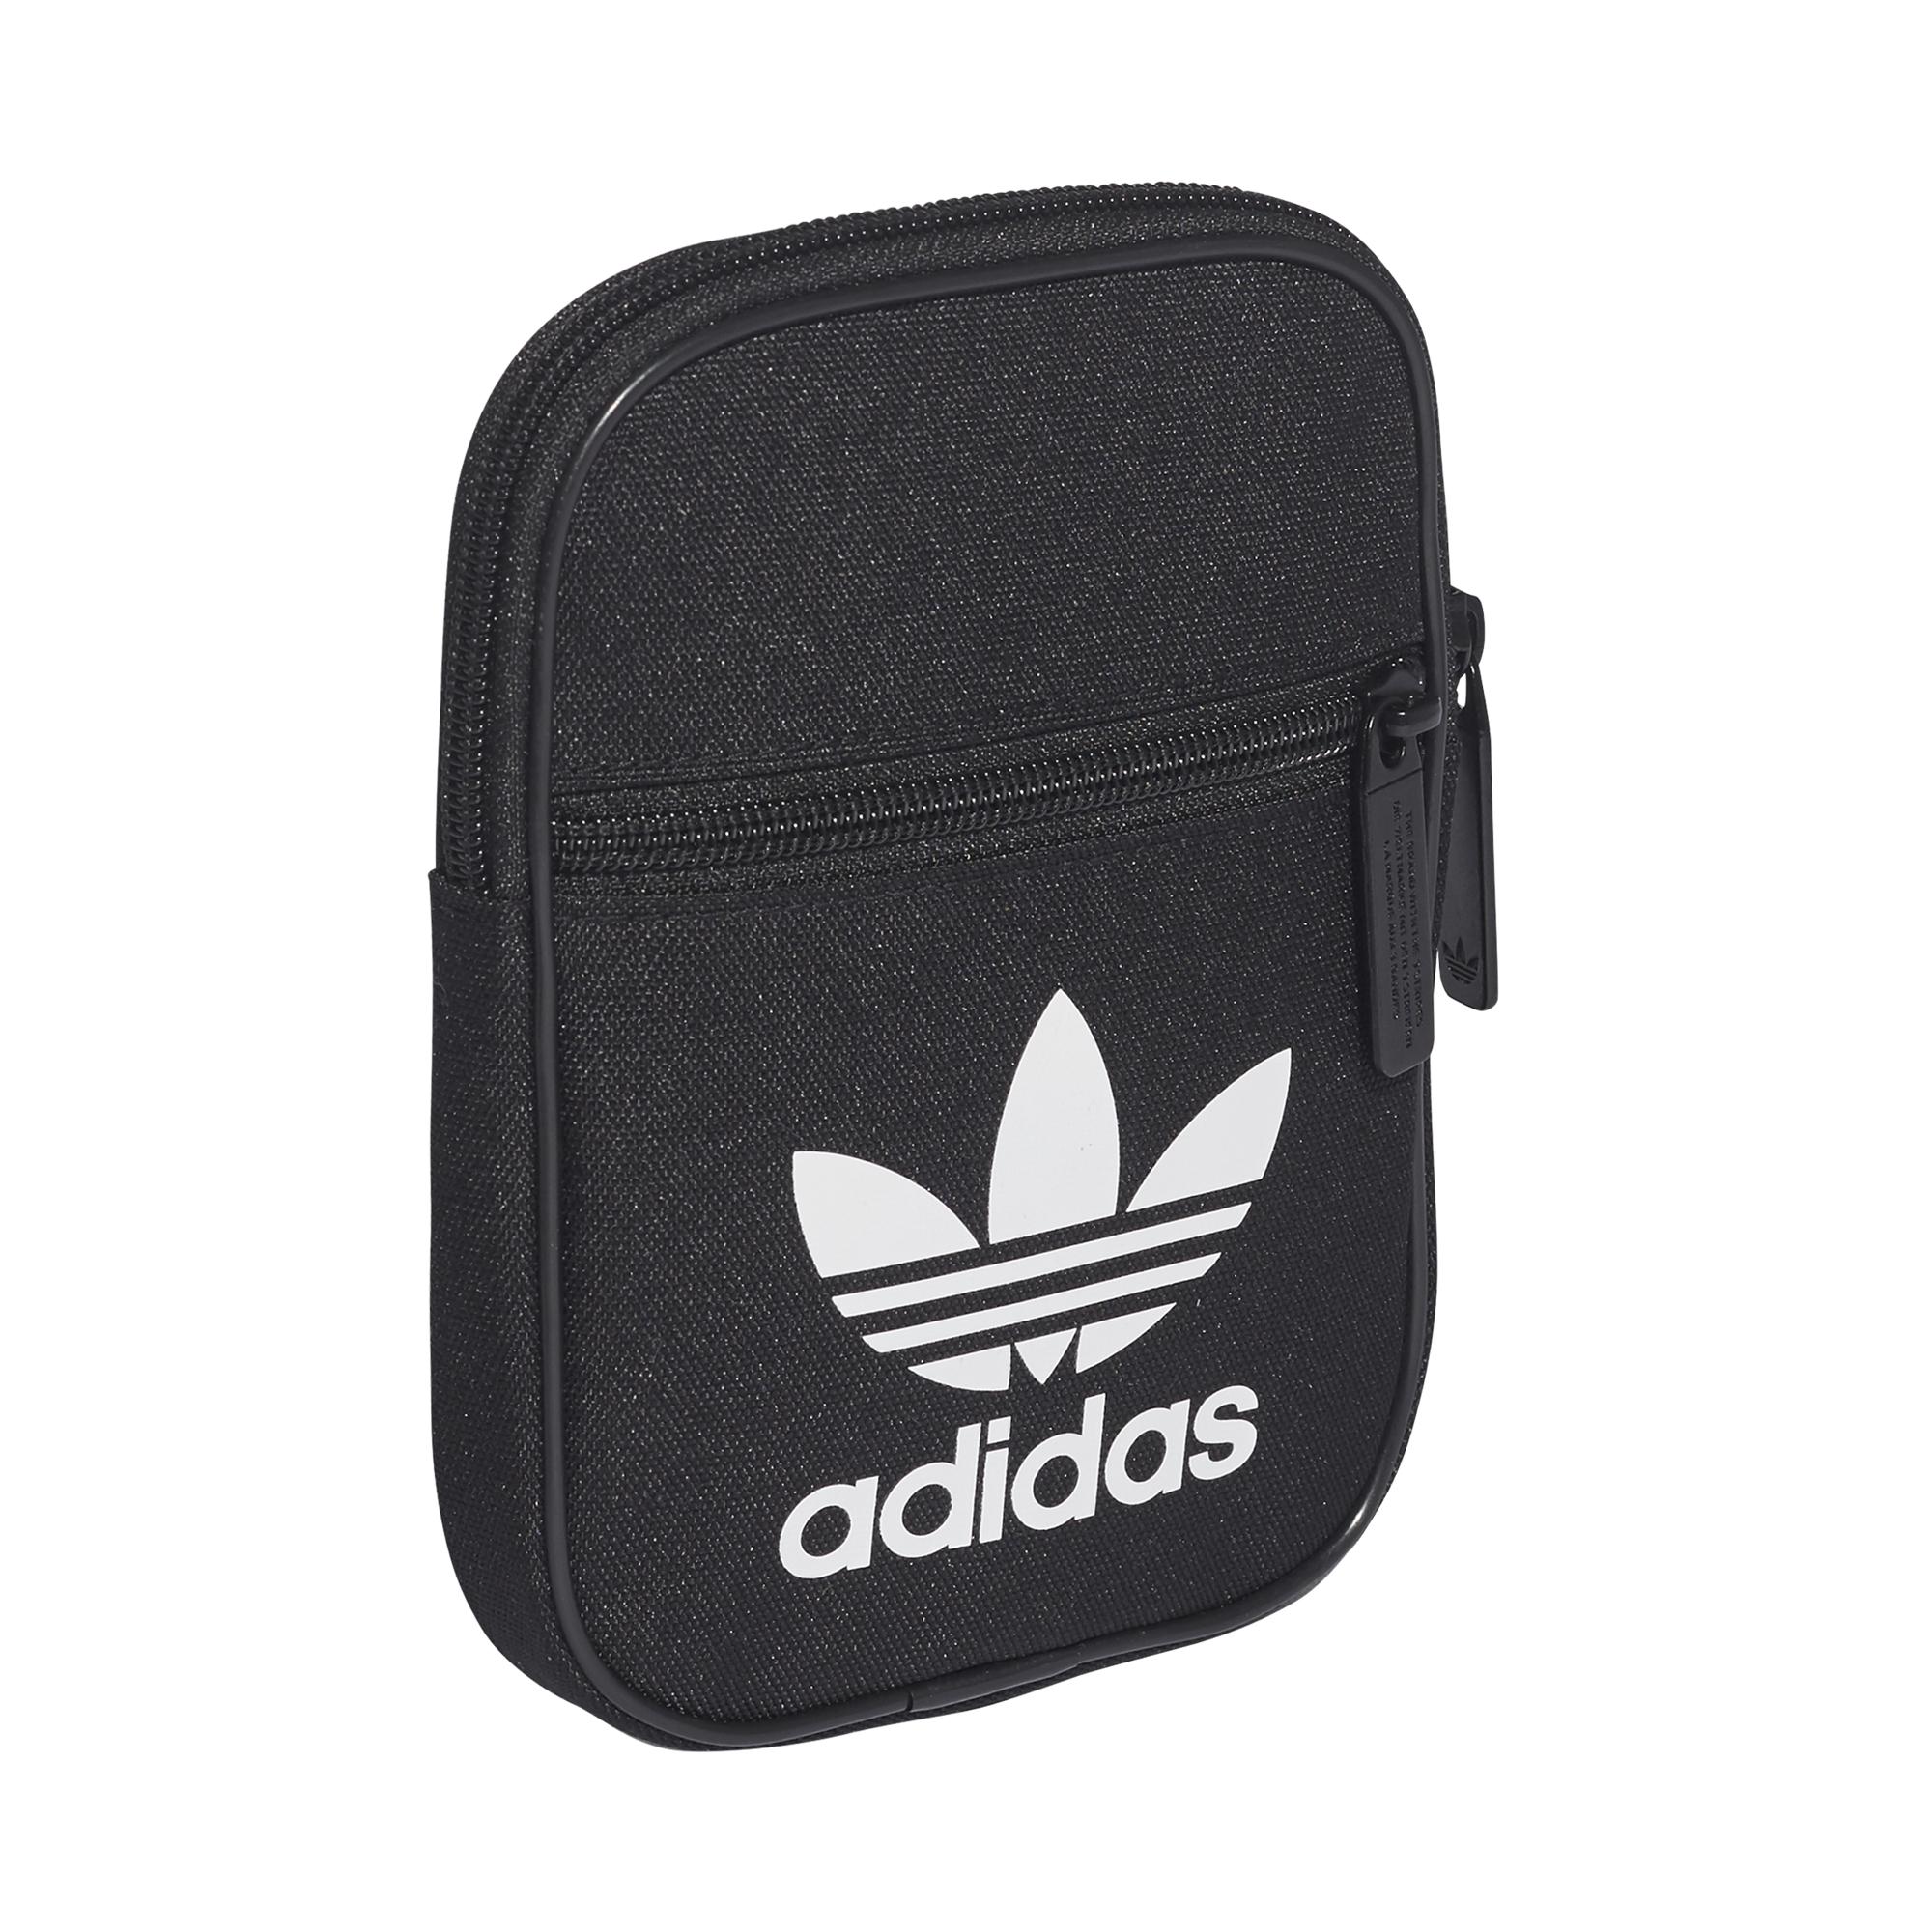 451becd70183a mała czarna torebka saszetka adidas Trefoil Festival Bag BK6730 ...